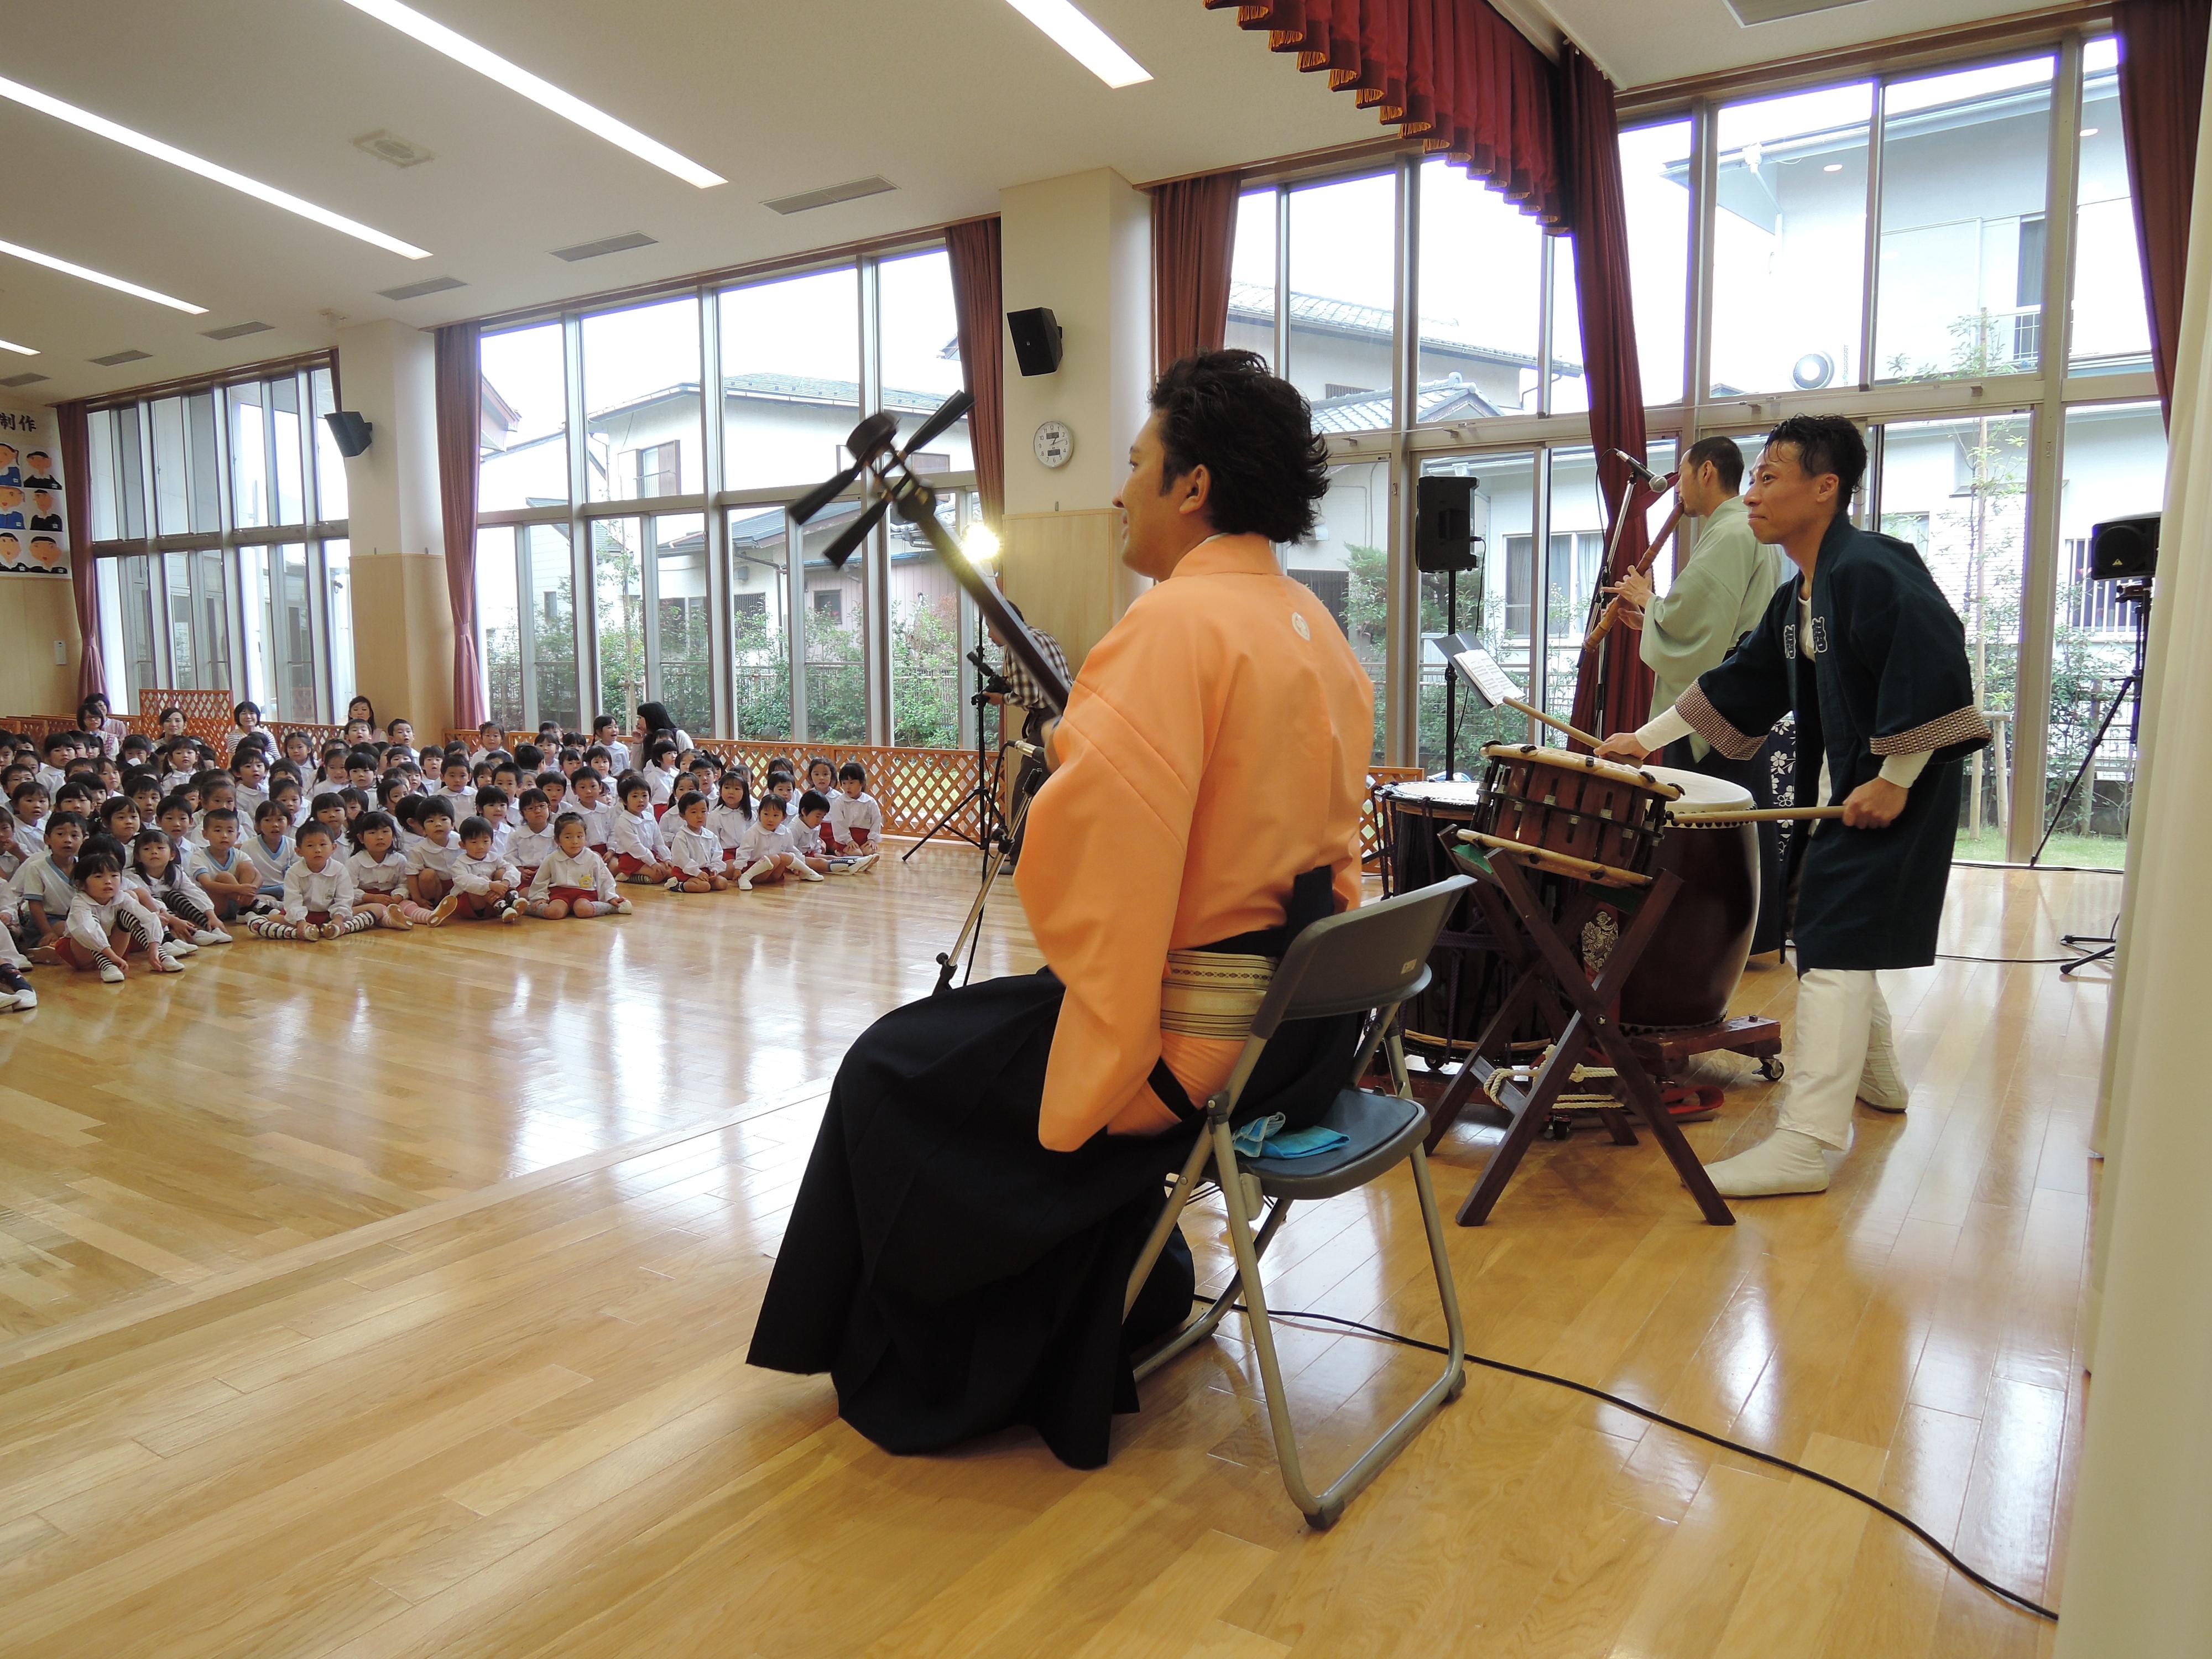 初めての和楽器の音色に幼稚園のみんなも楽しいコンサート!